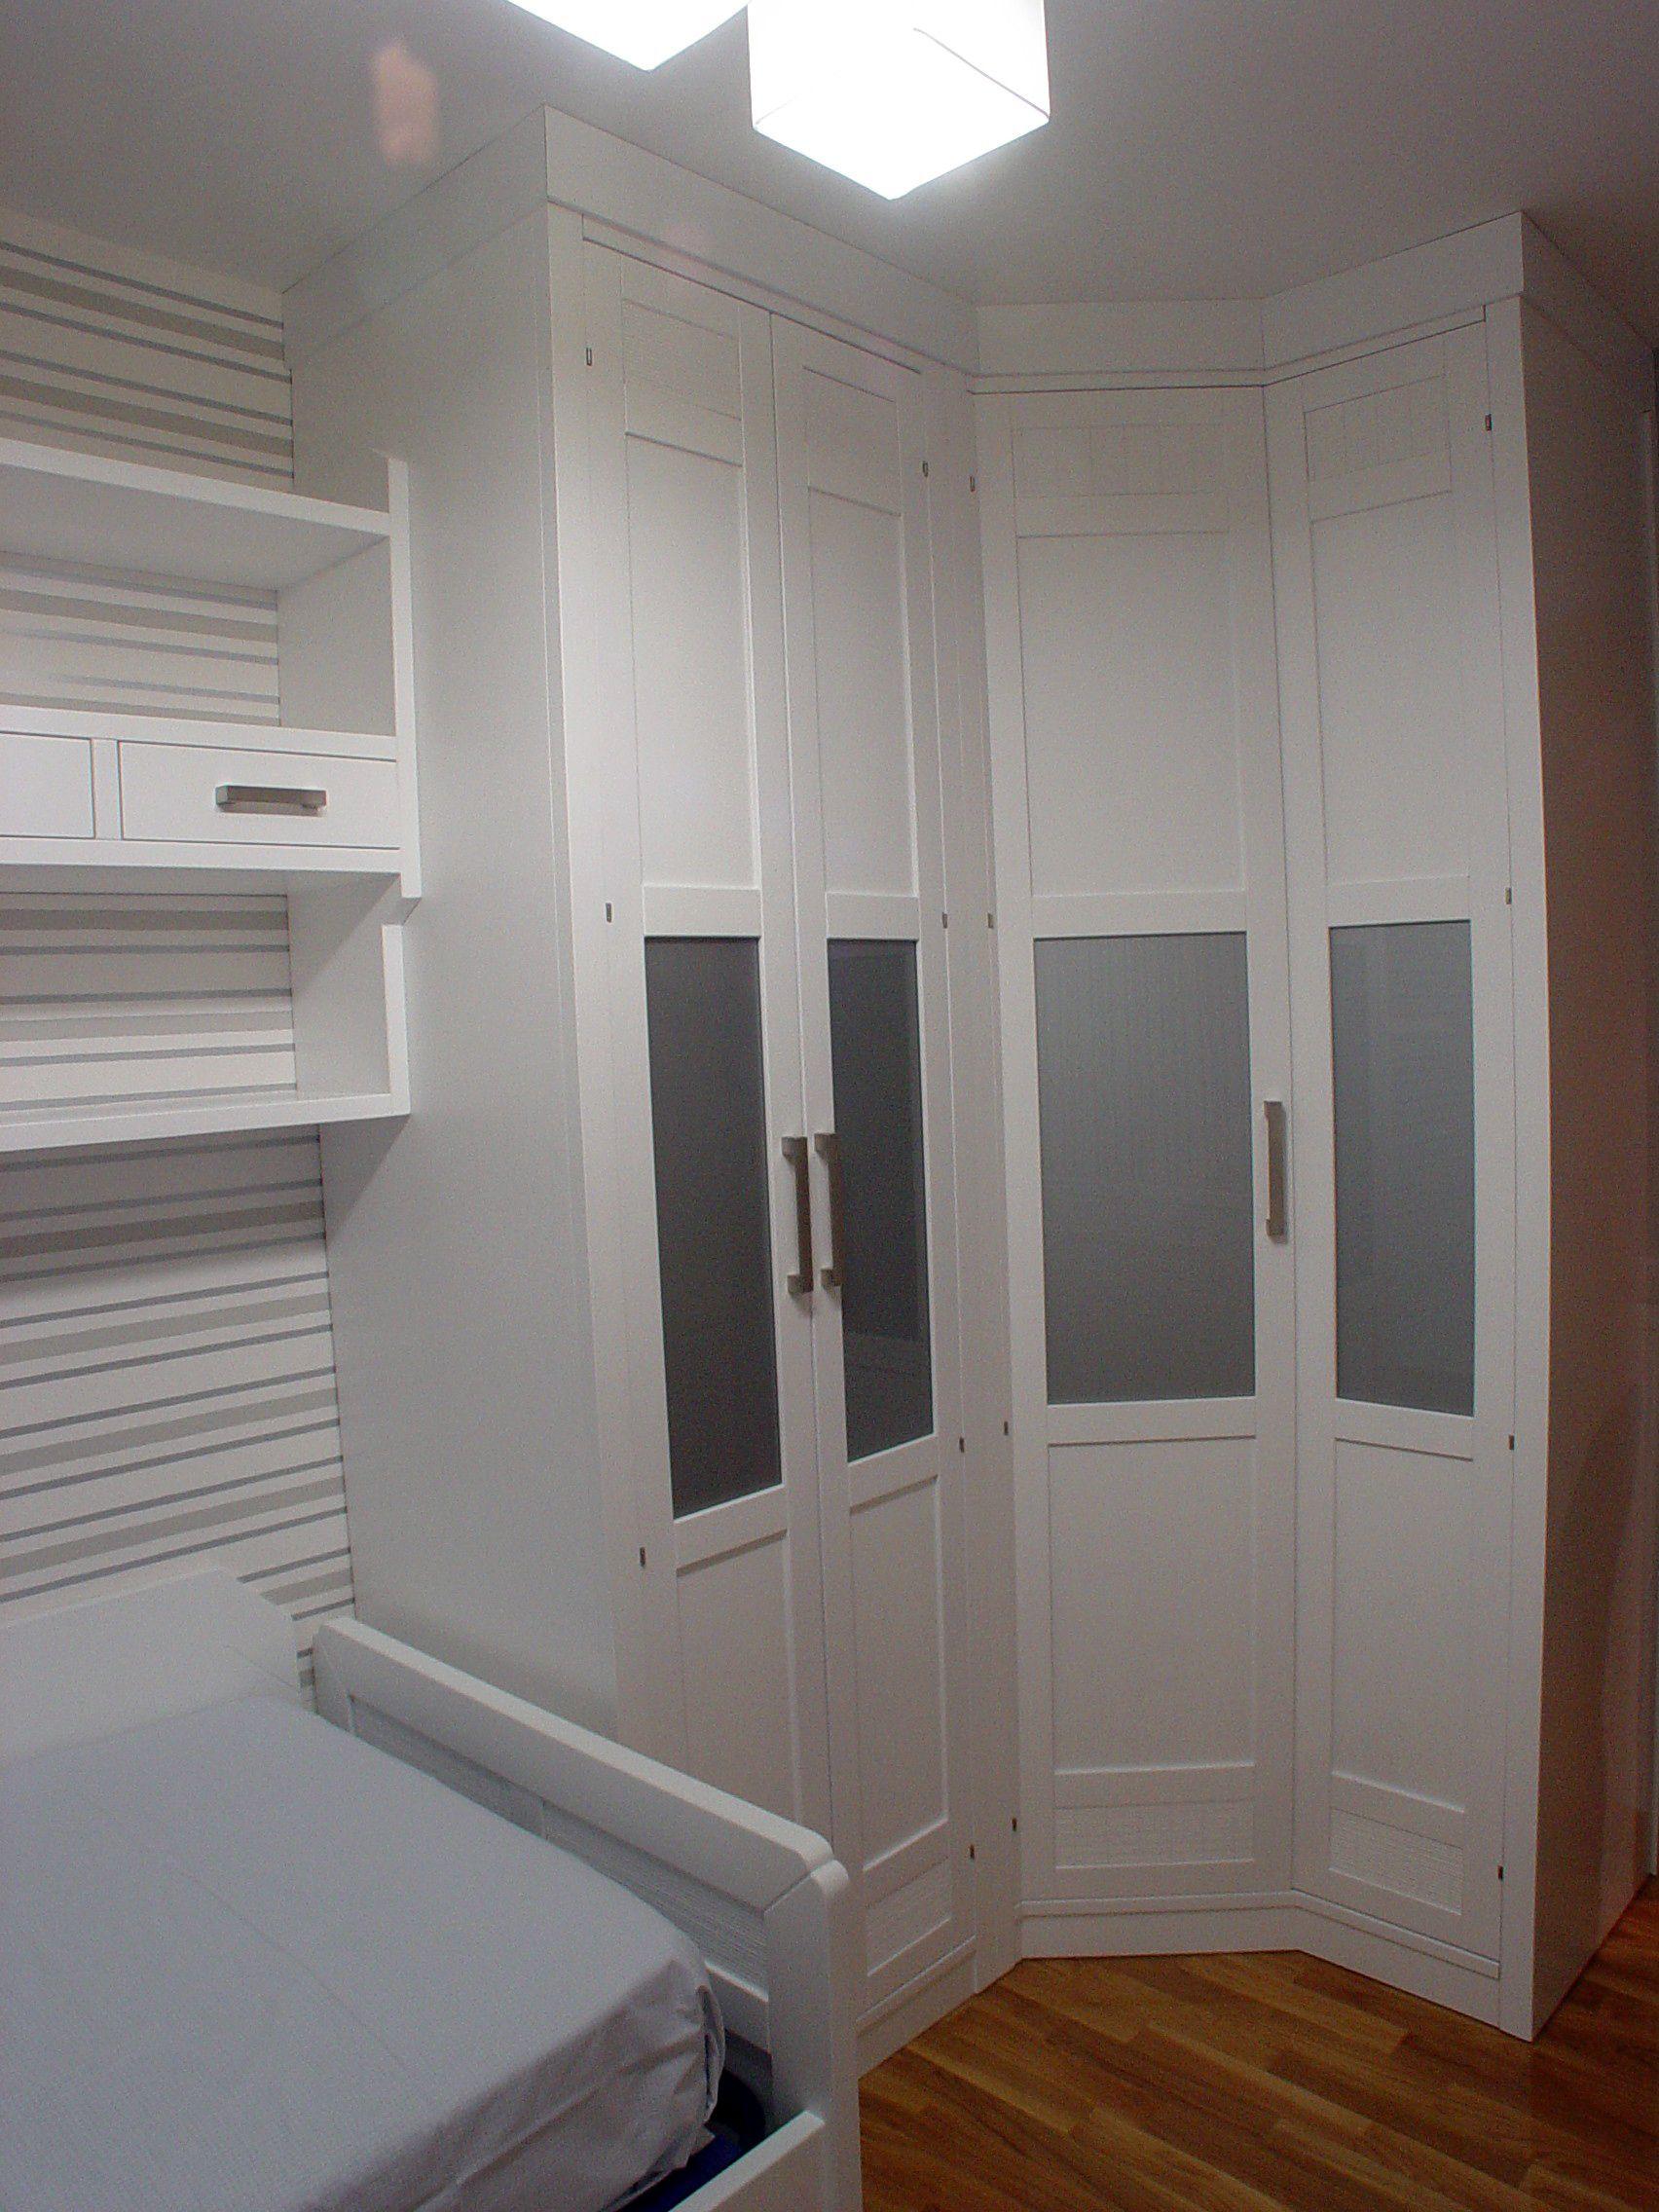 Dormitorio juvenil en pino macizo lacado blanco. Muebles a medida y ...